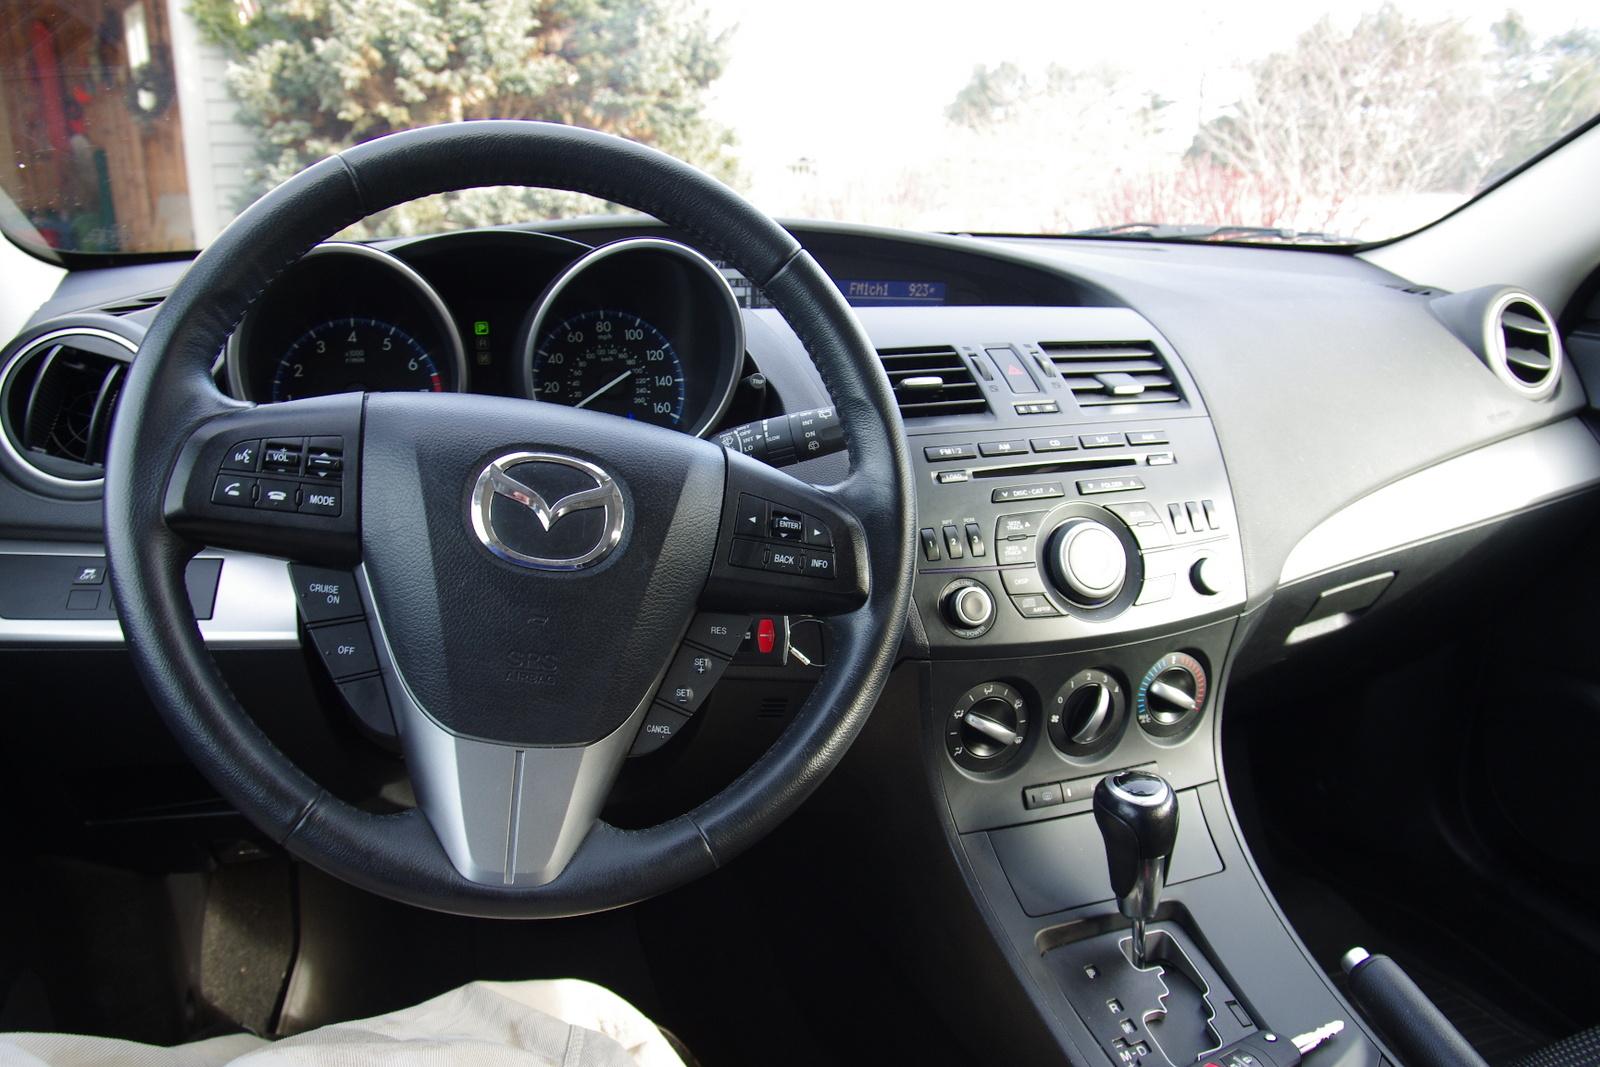 2012 Mazda Mazda3 Pictures Cargurus